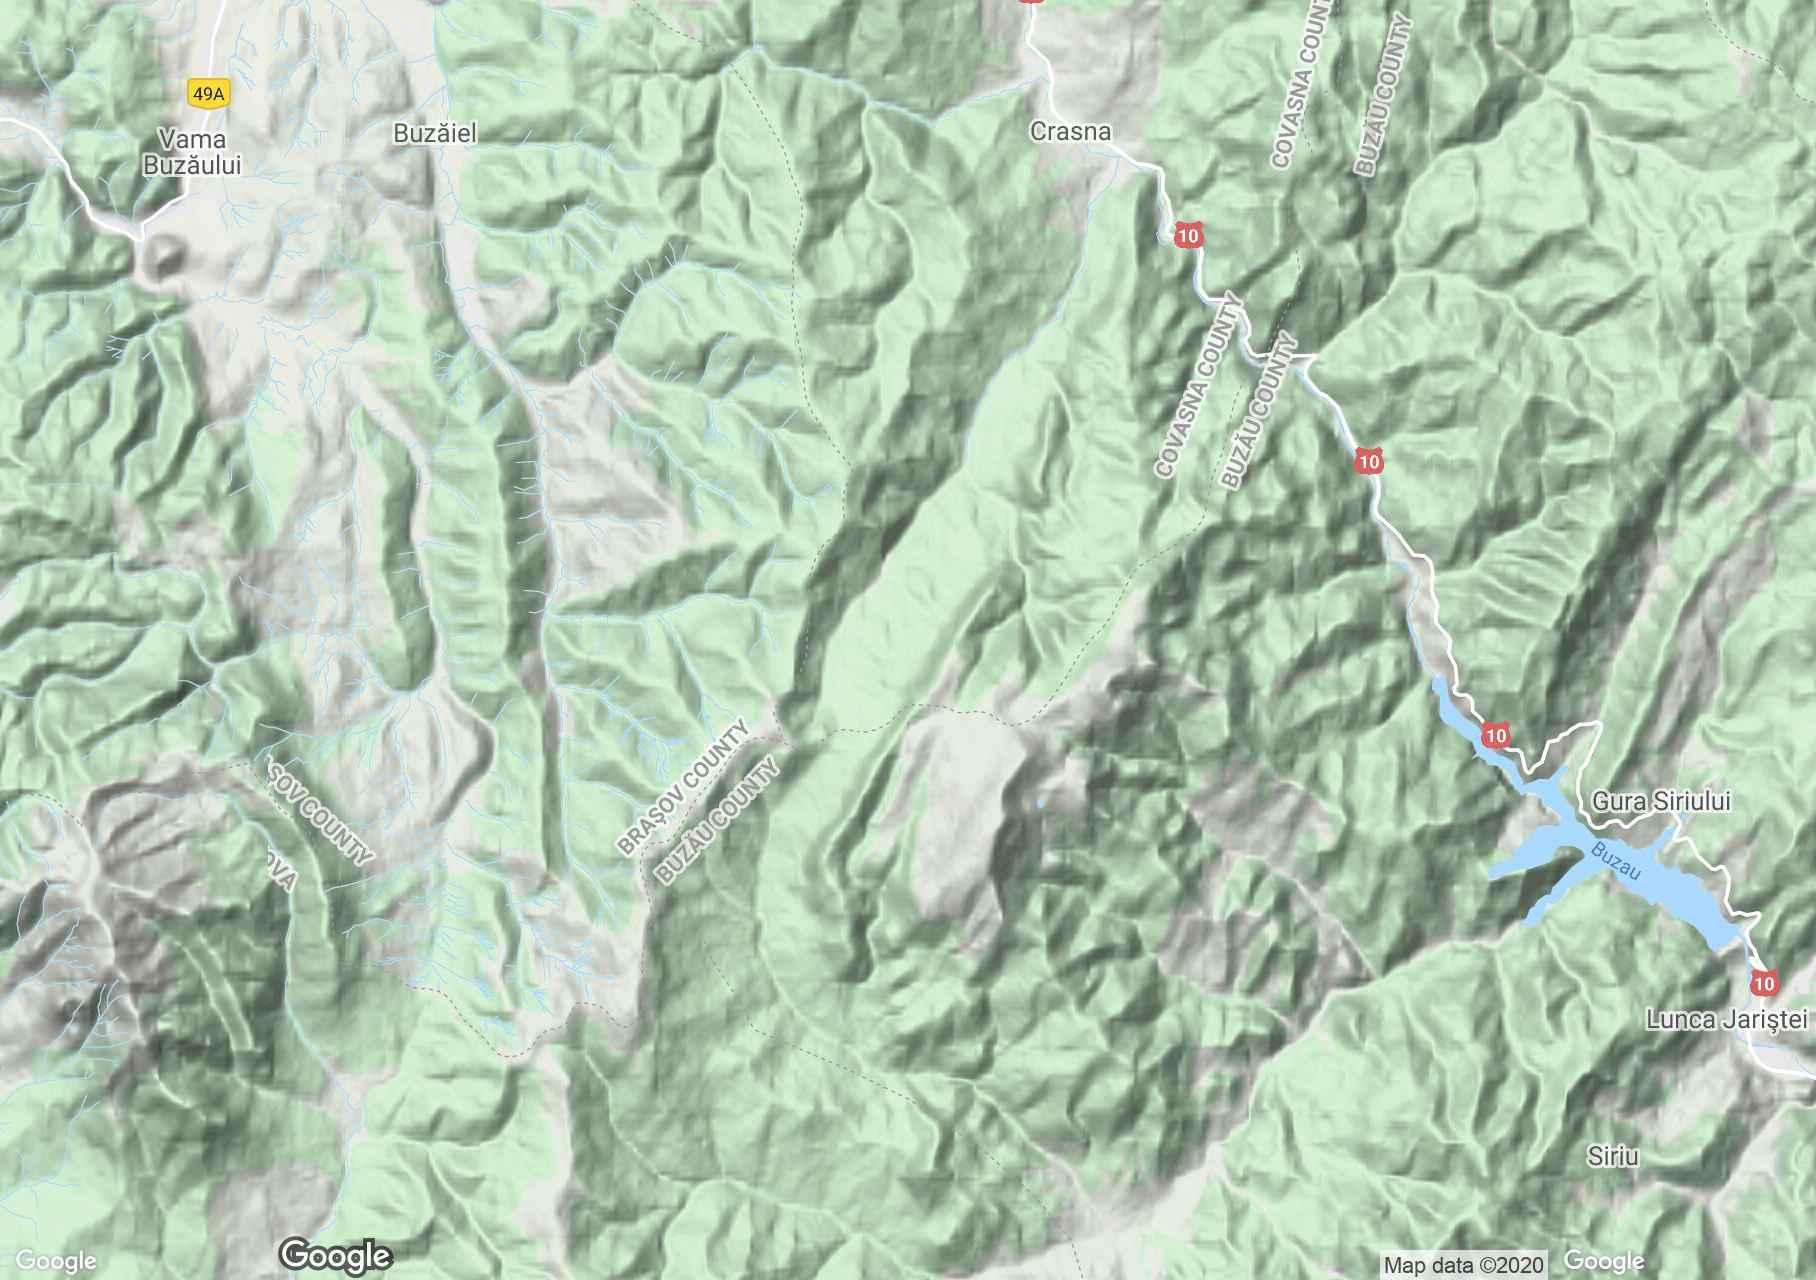 Tatár-Szilon hegység interaktív turista térképe.